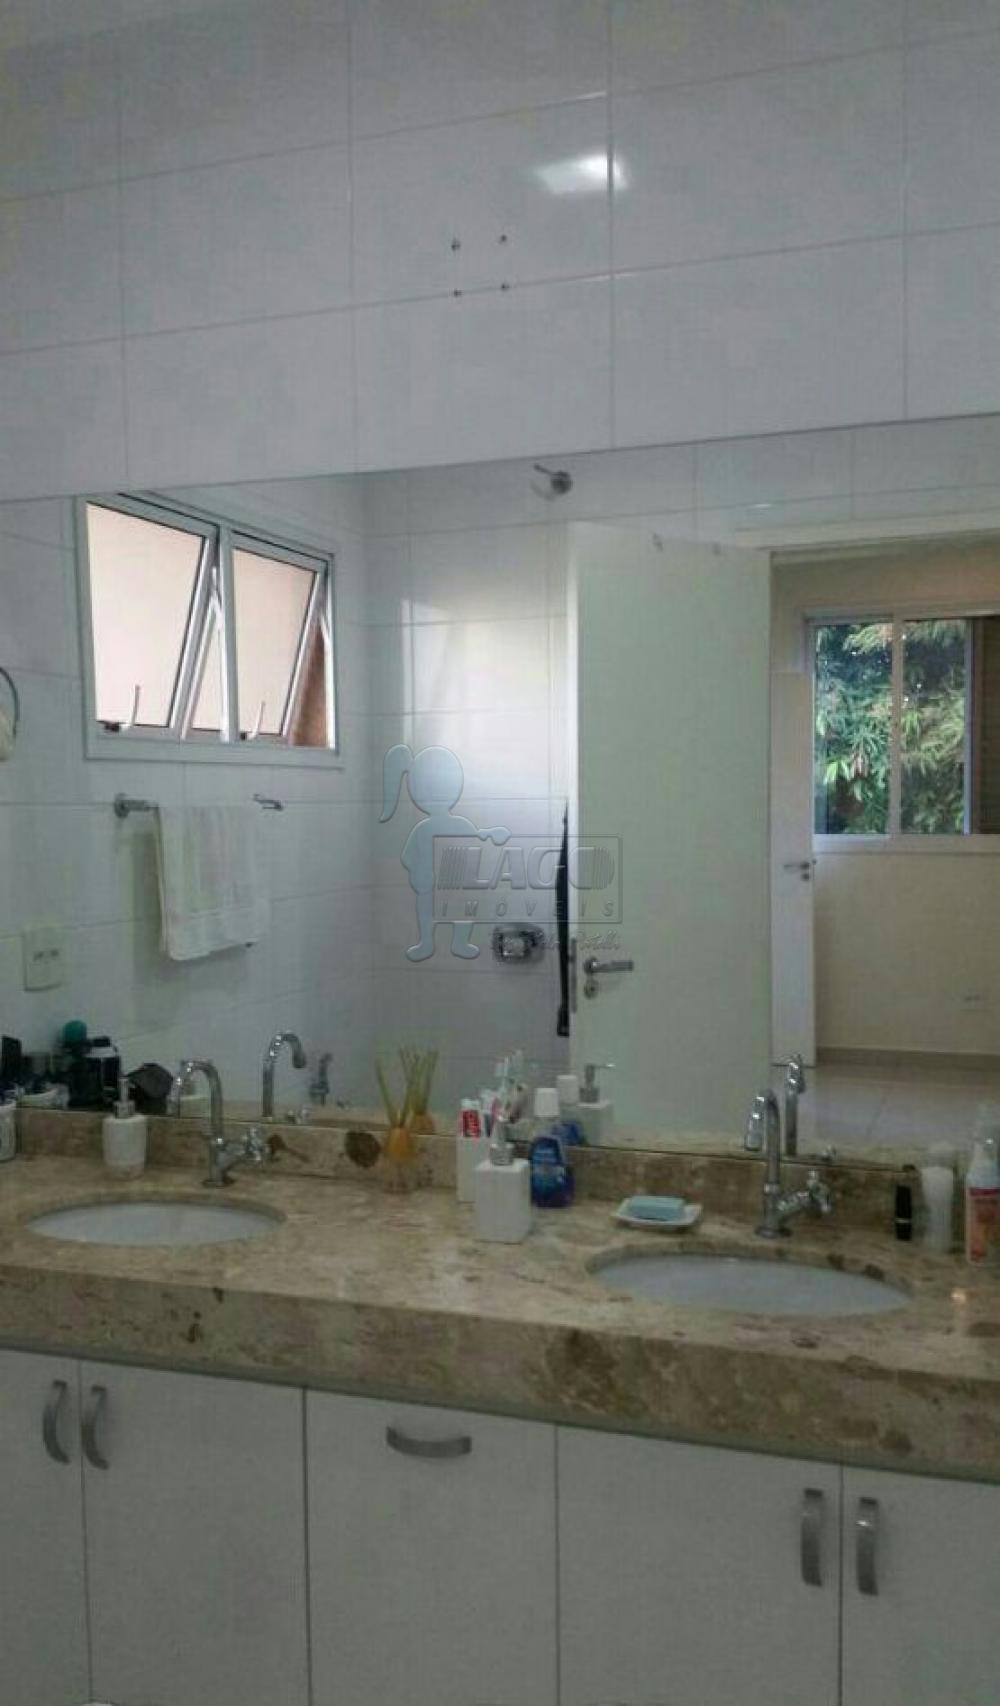 Comprar Casas / Padrão em Bonfim Paulista apenas R$ 785.000,00 - Foto 7